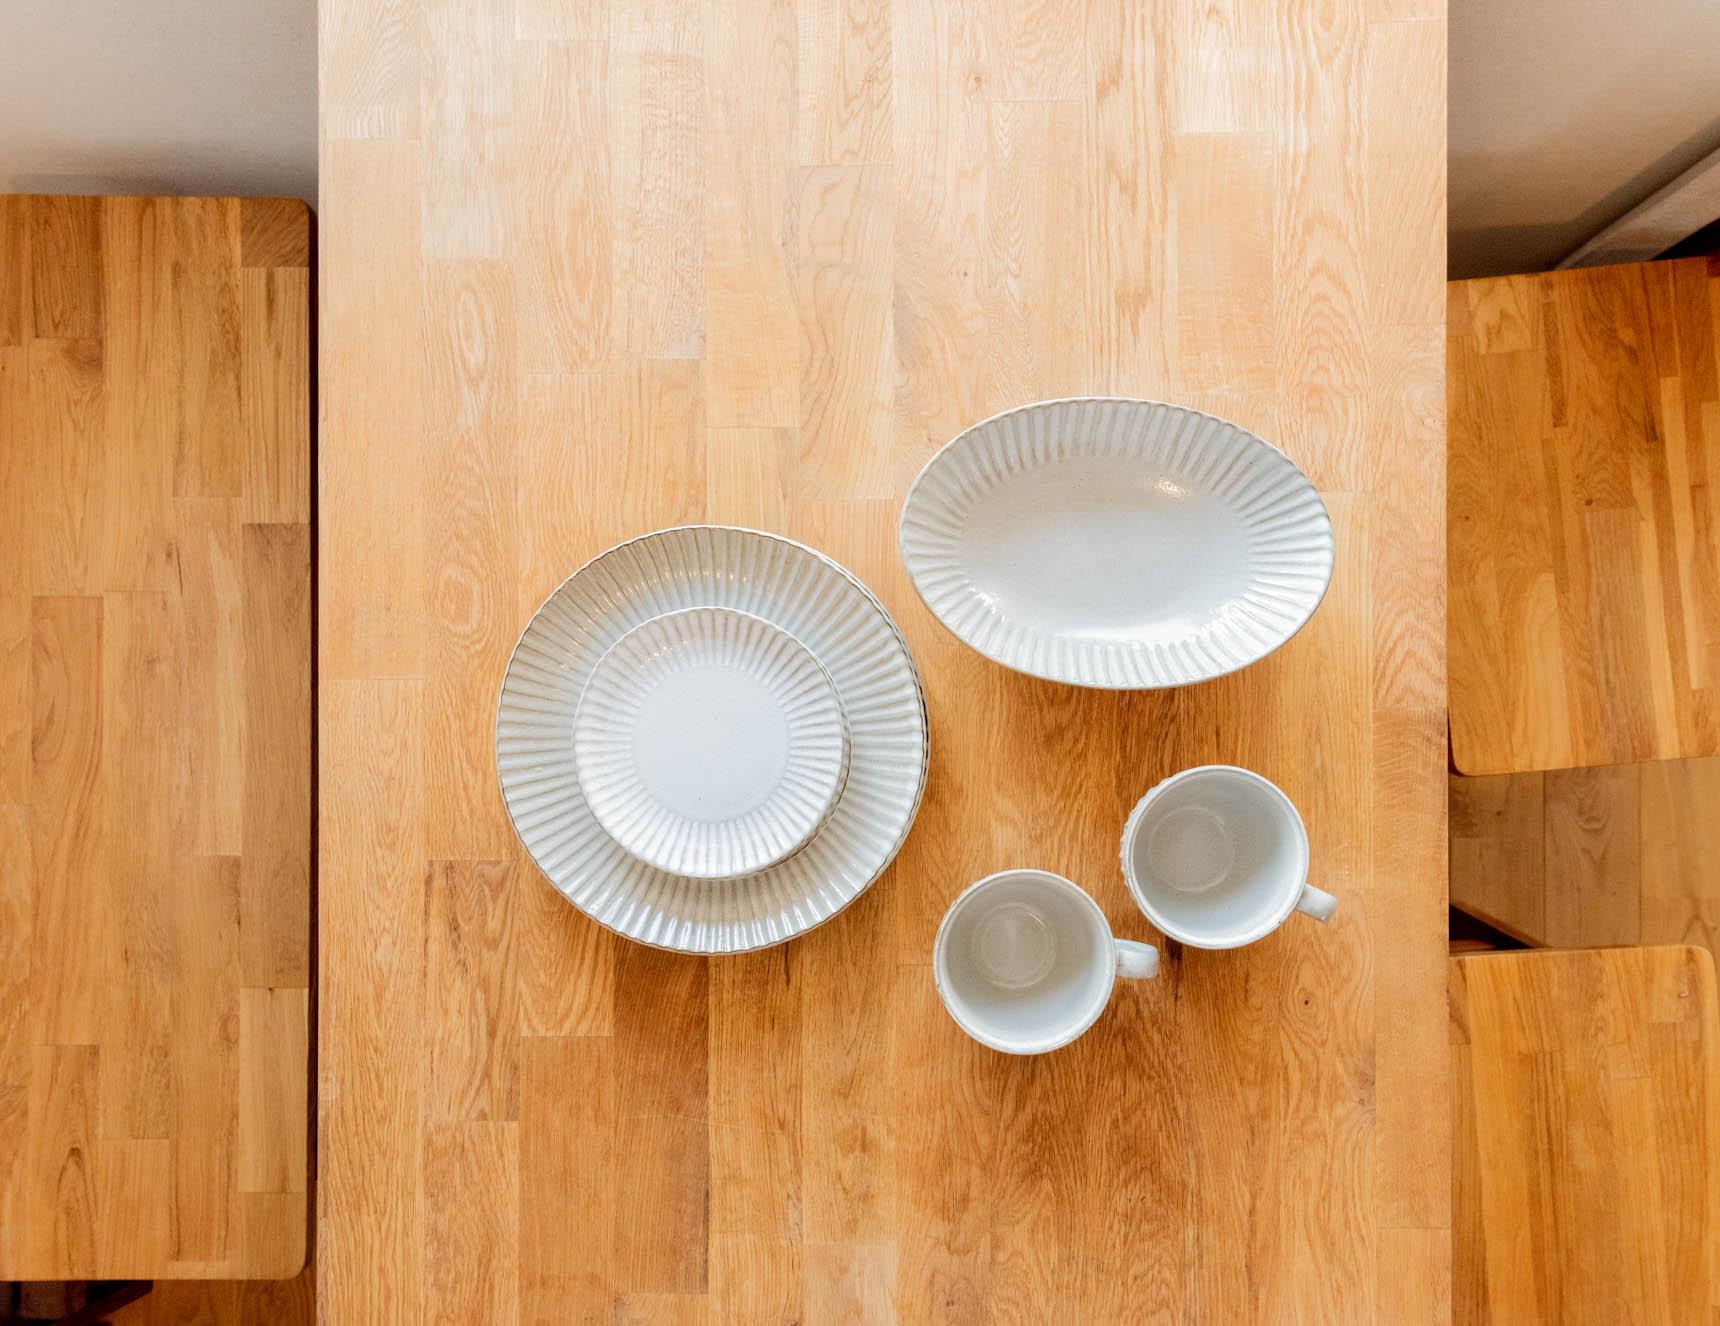 シンプル、でも和にも洋にも合わせやすい味がある、ニトリの「唐茶削ぎ」シリーズの器。スープマグは277円、だ円皿は555円と、まさに「値段以上」。まずはこれで、一通りの食器を揃えてしまうのも俄然アリです。(アイテム紹介はこちら)